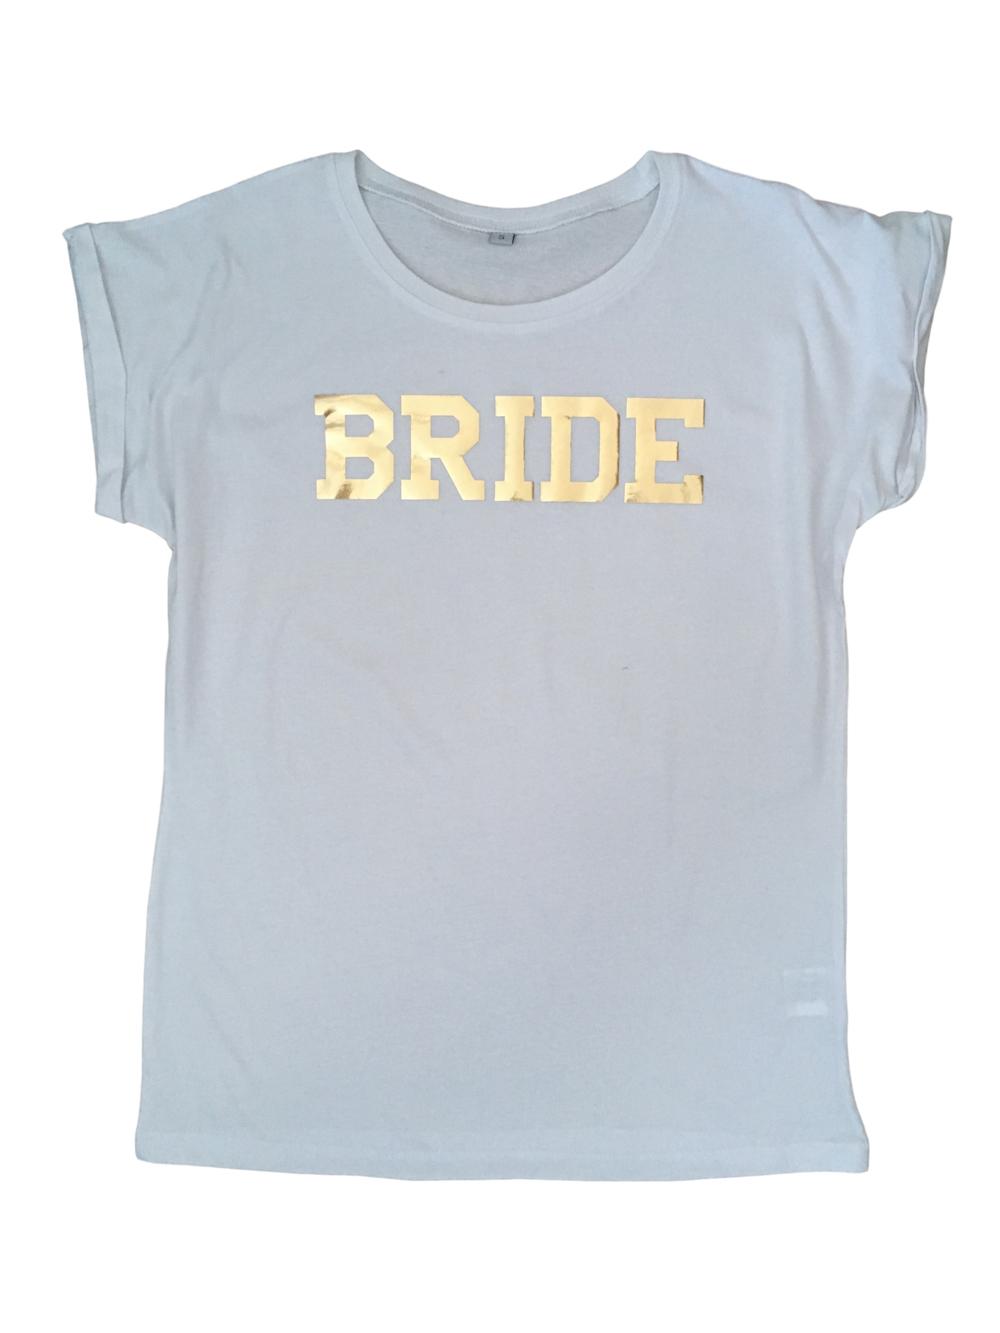 Bride Tshirt – Bold